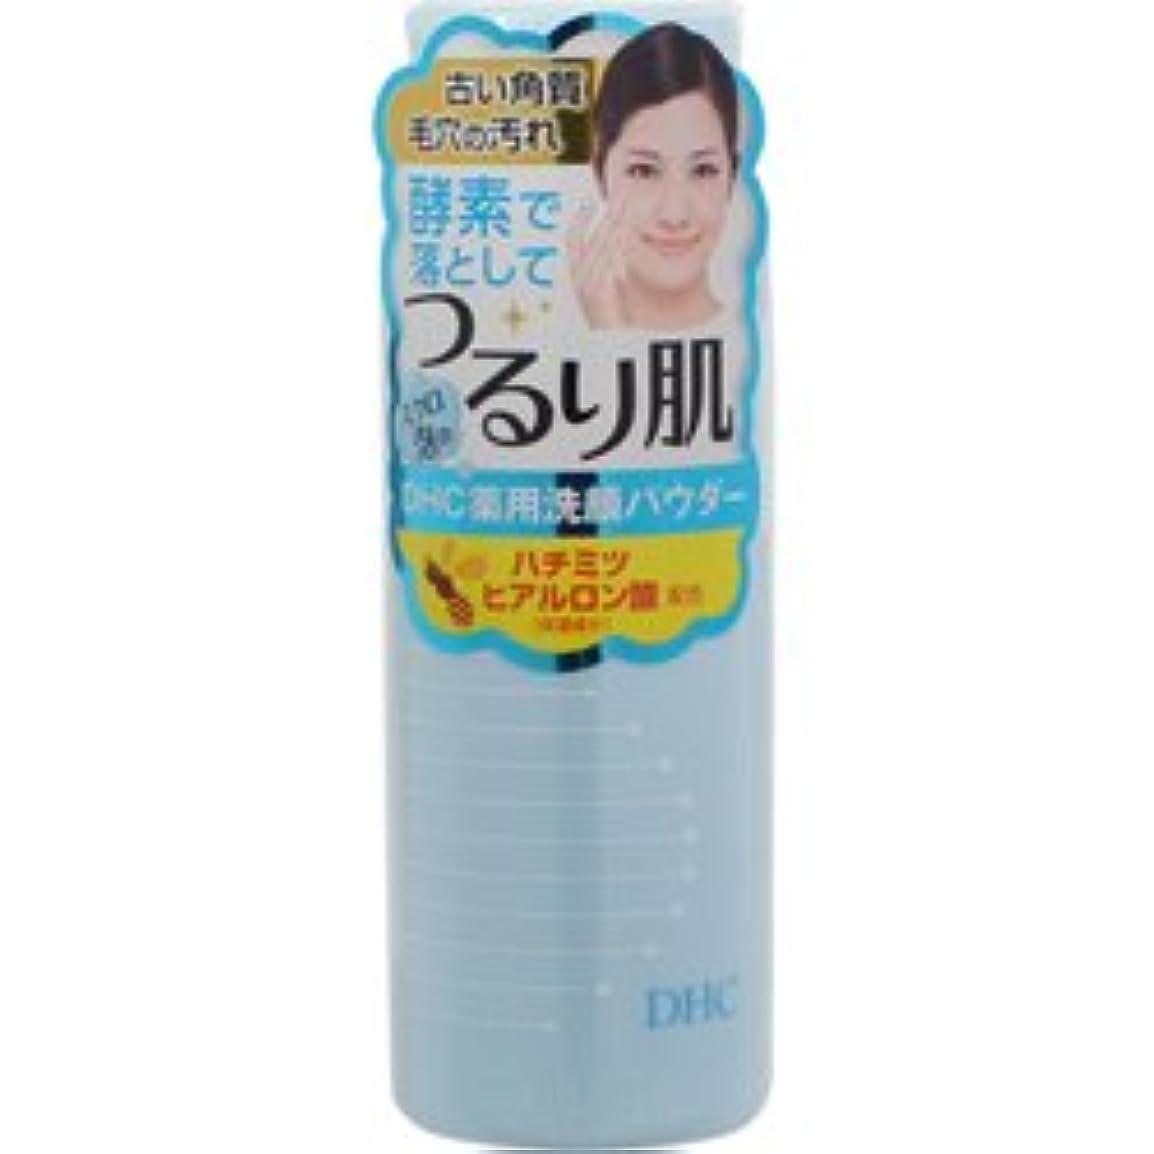 パッド解き明かす作家【DHC】薬用洗顔パウダーSS 50g ×10個セット